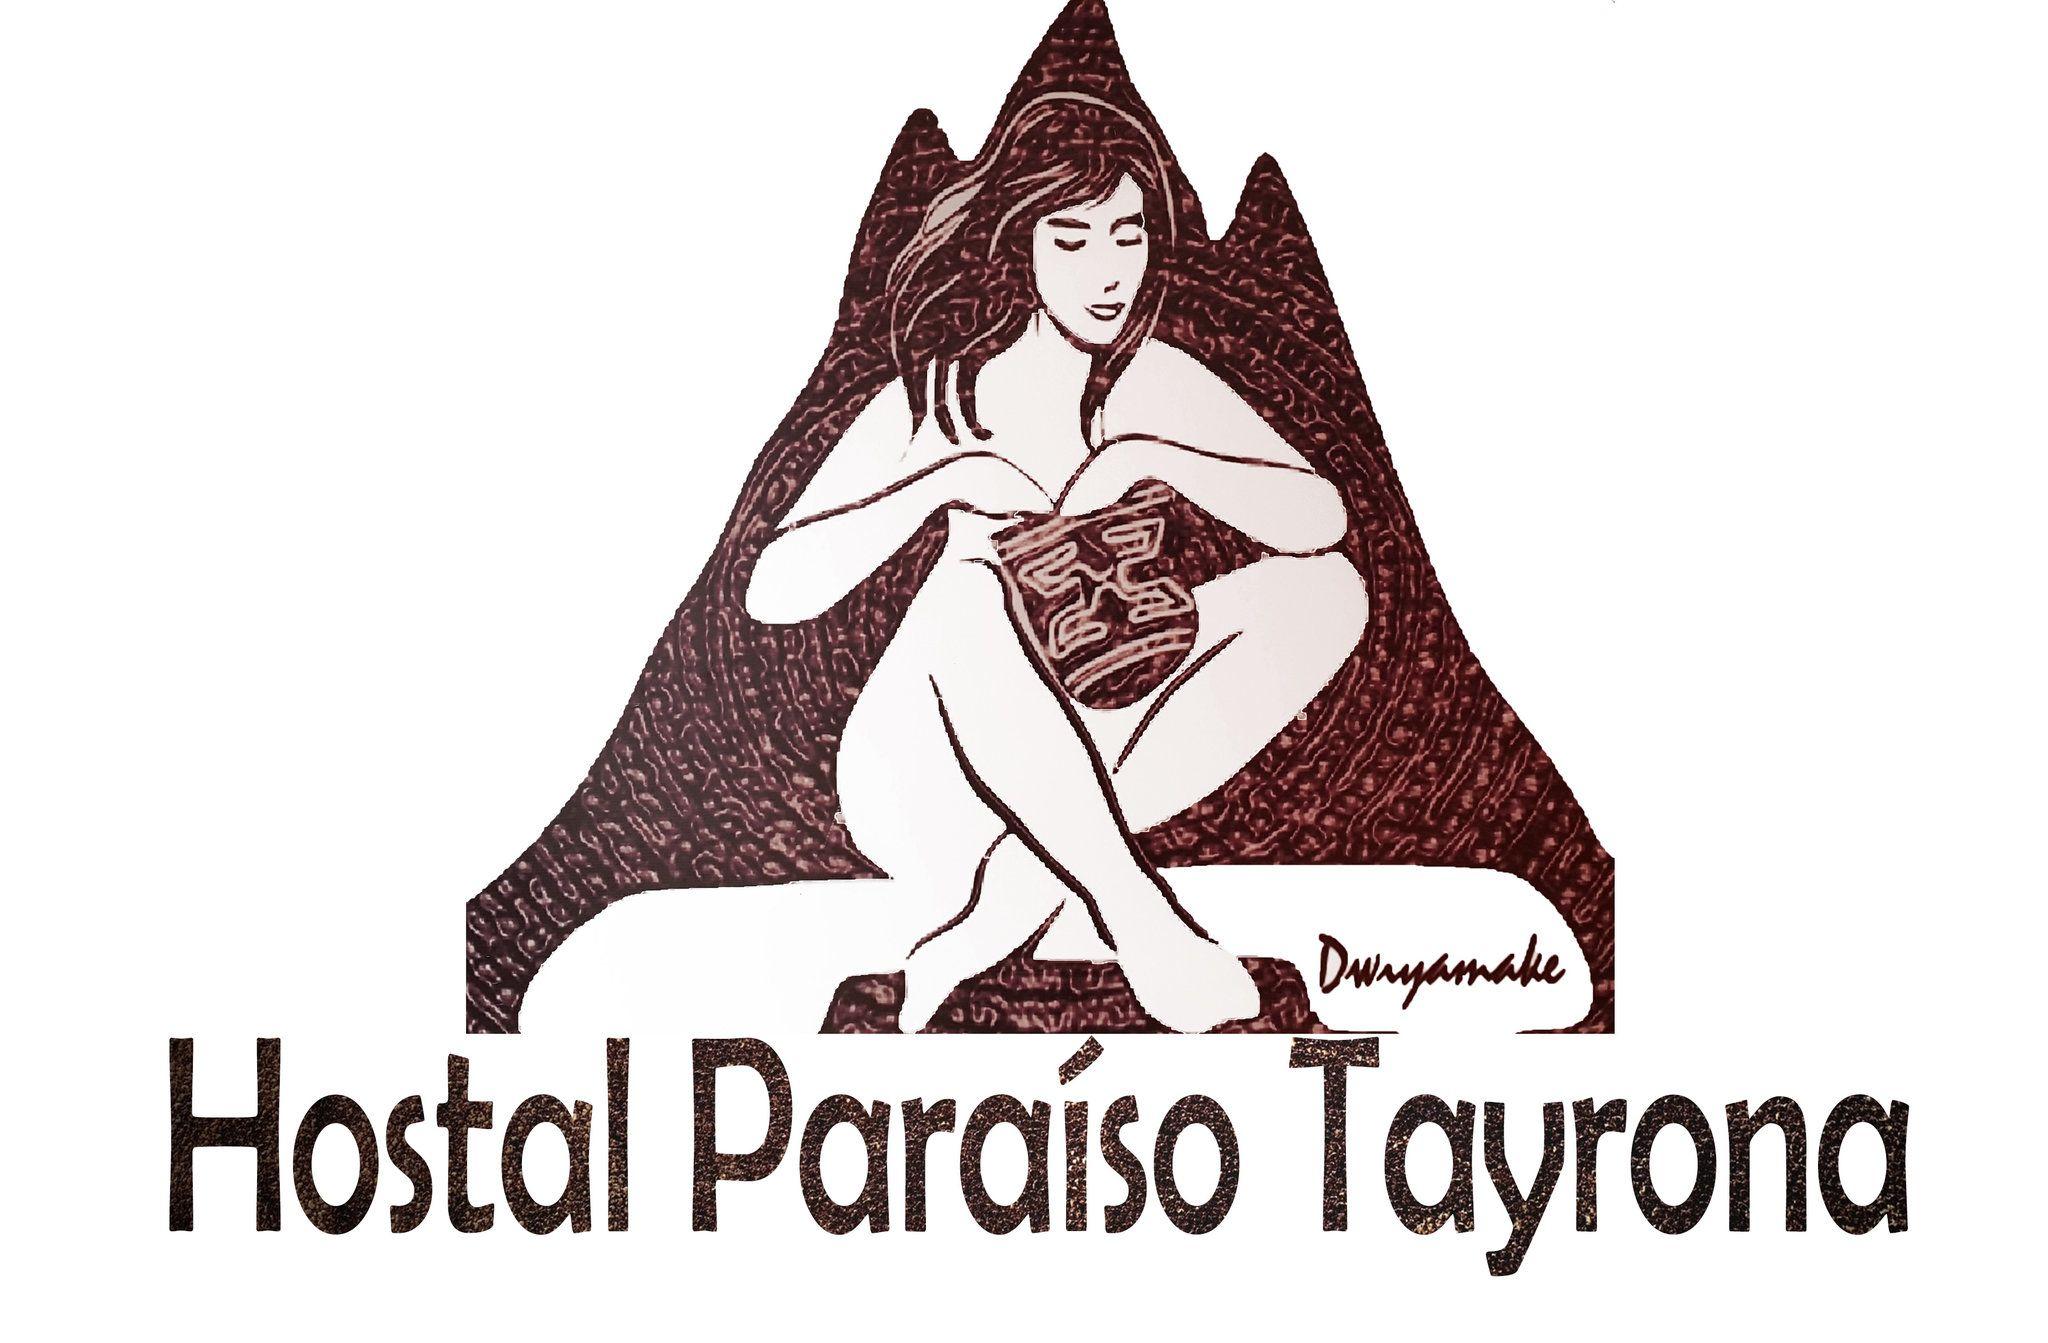 Hostal Paraiso Tayrona